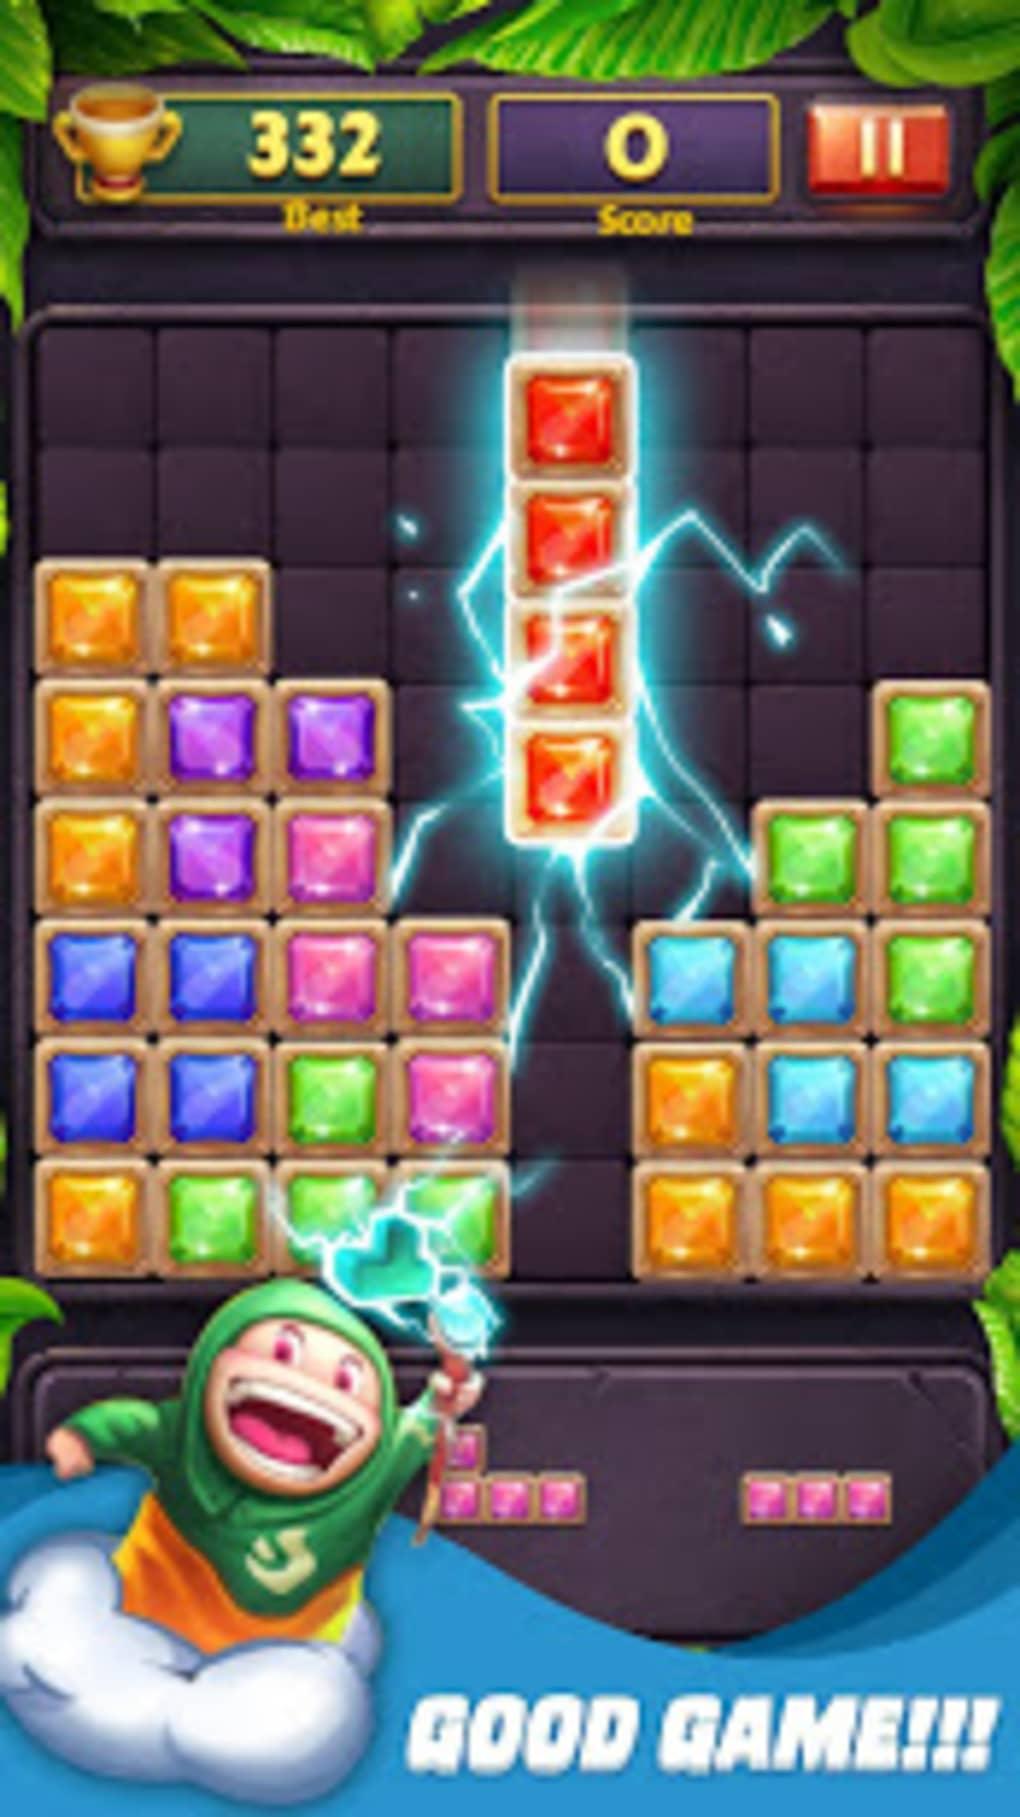 Block Puzzle Jewel Apk Pour Android - Télécharger destiné Puzzles Gratuits Sans Téléchargement